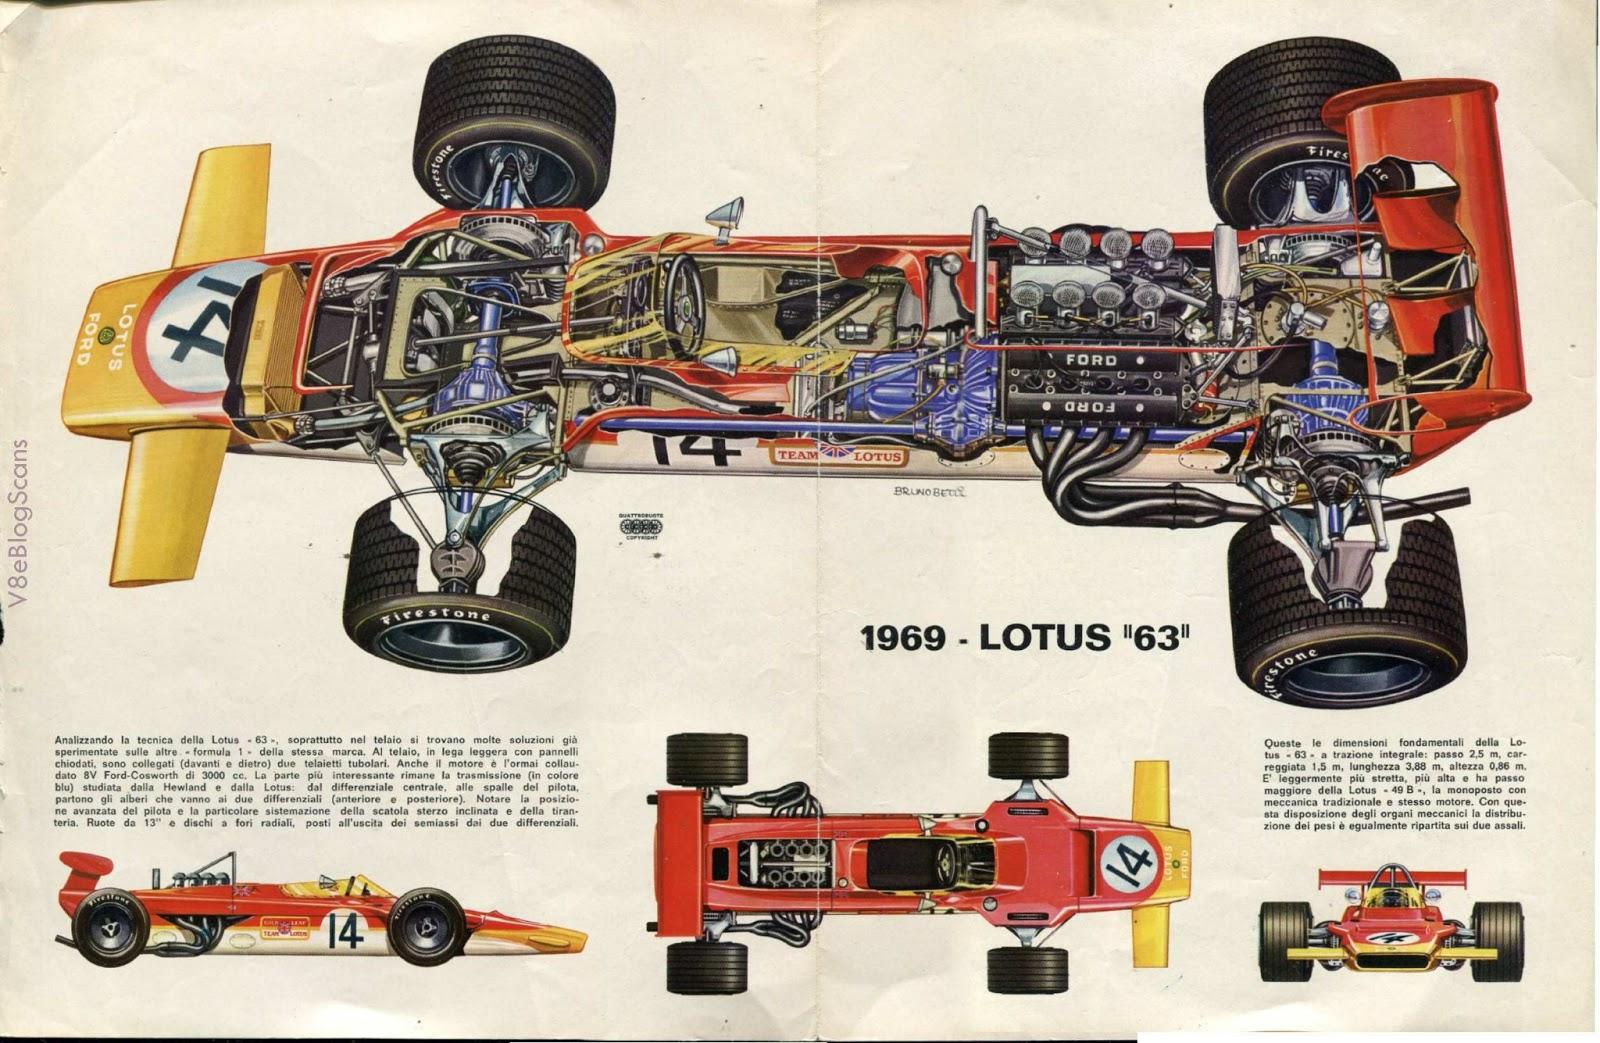 Q+69+Lotus+63.jpg